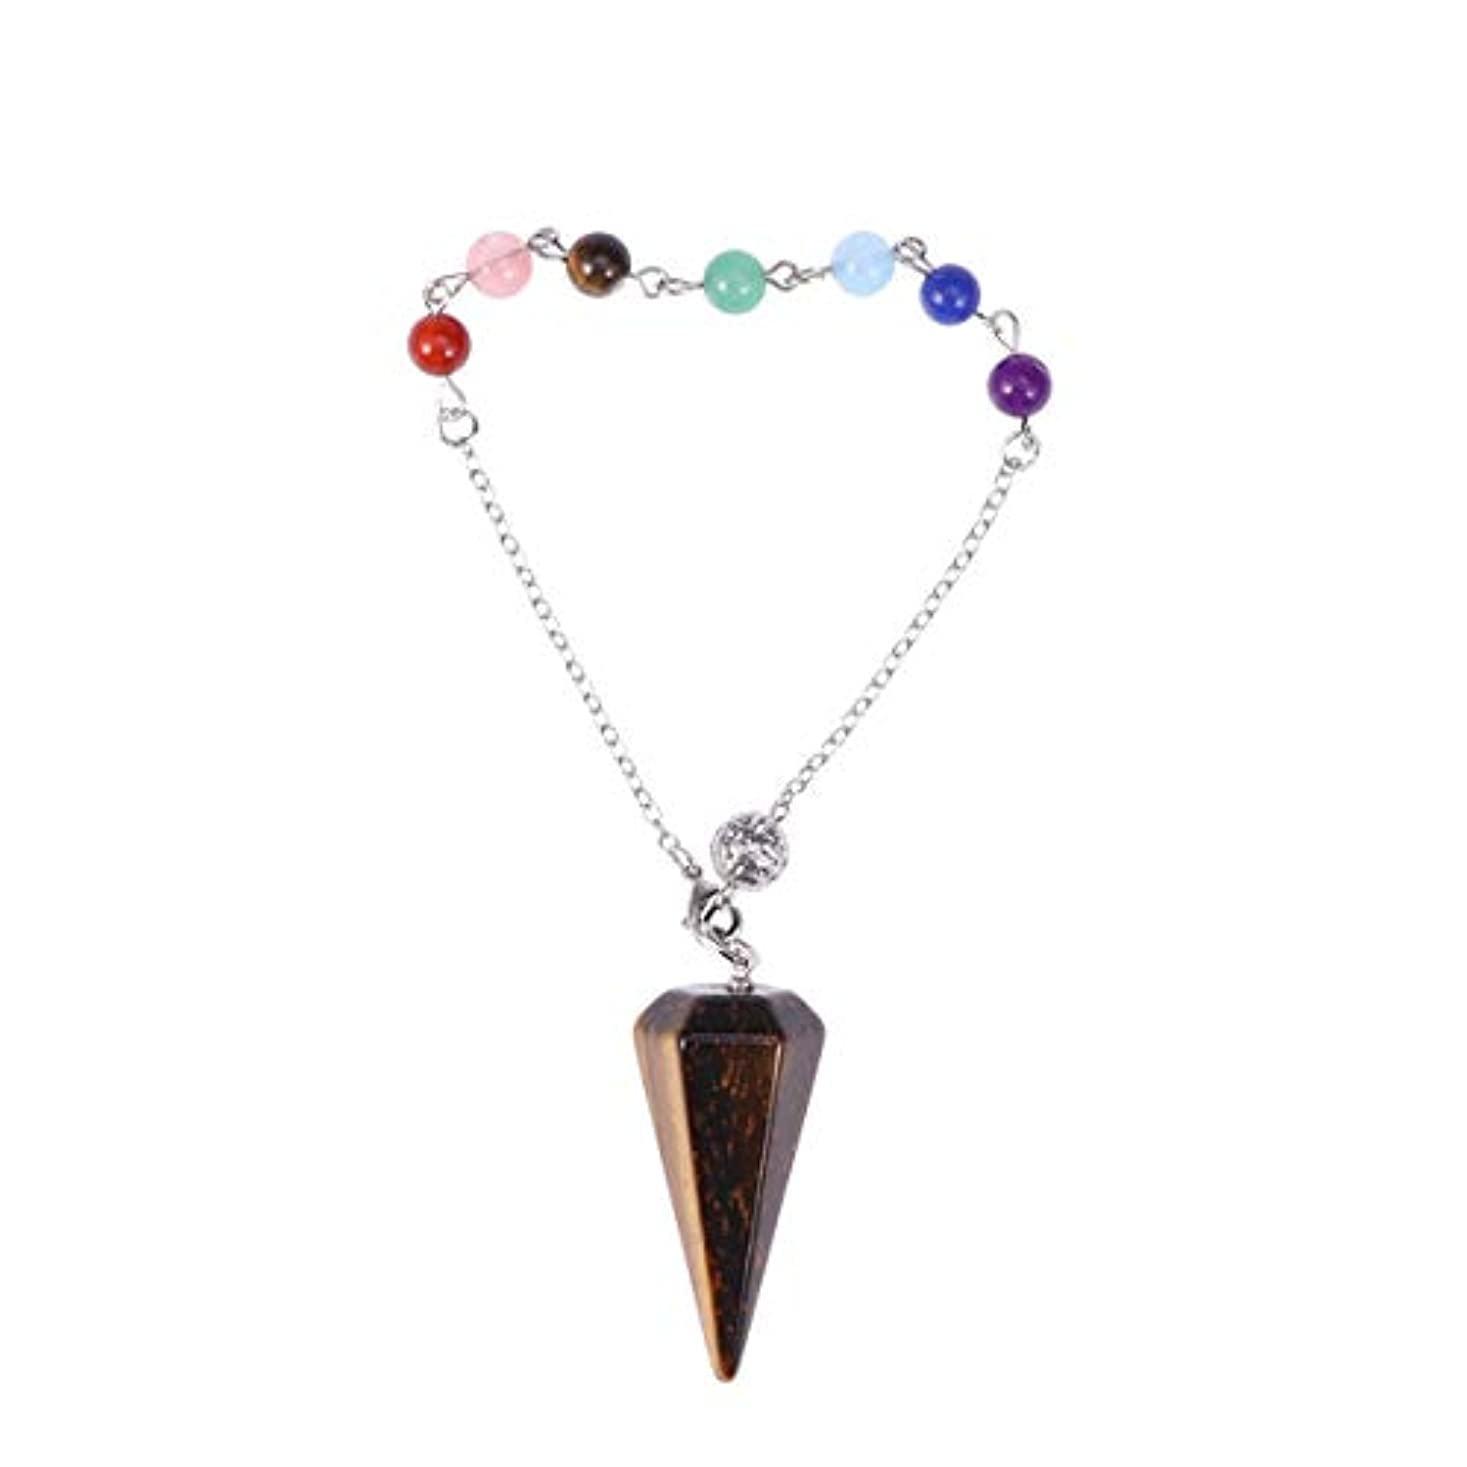 買い物に行く想像力豊かな通貨HEALIFTY 天然水晶六角形ペンダントチャクラチェーンペンダント(タイガーアイ宝石)